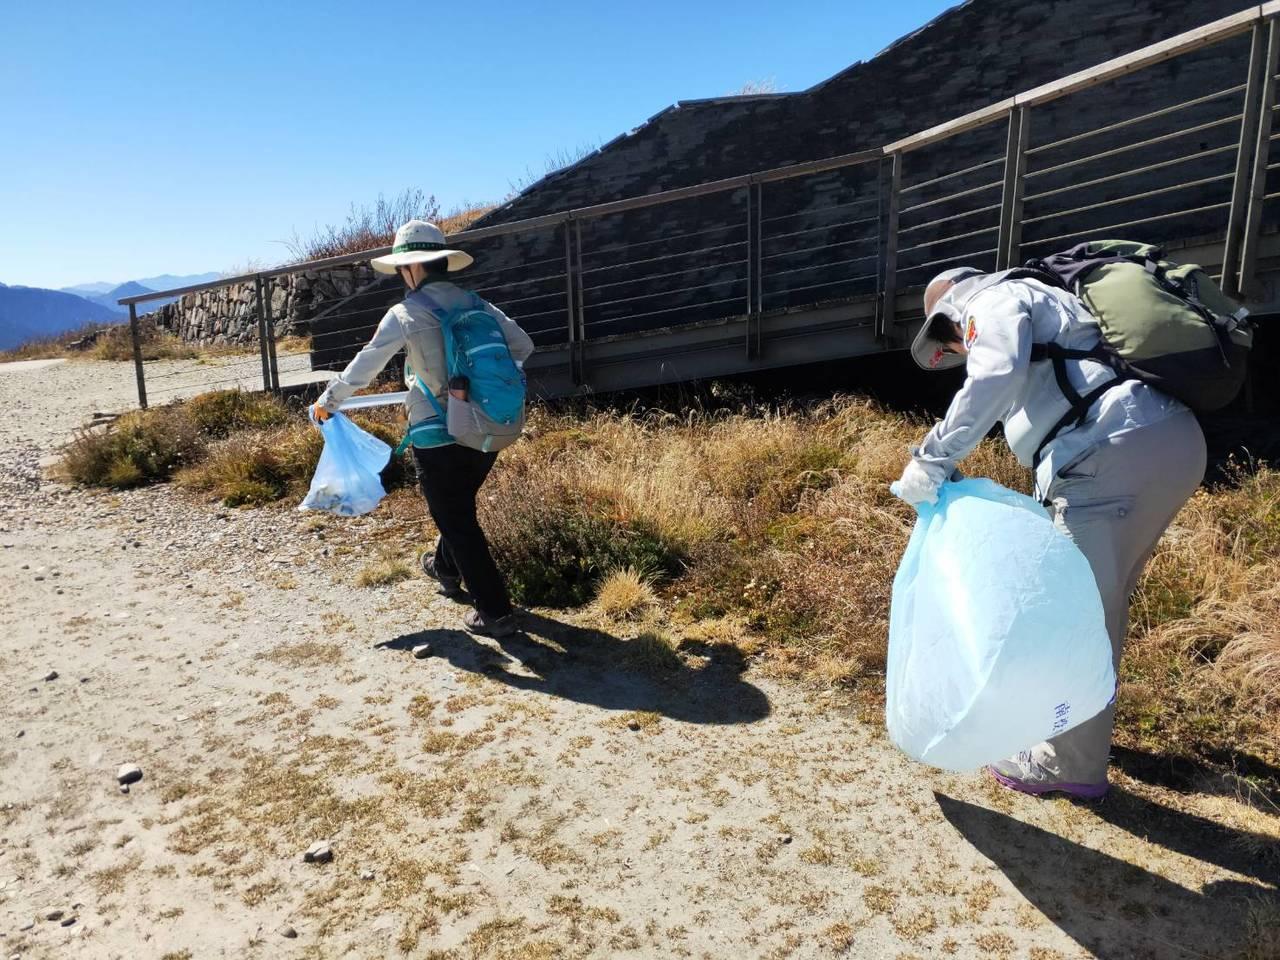 120名志工今天在合歡山淨山,清出20大包垃圾,箭竹林中有不少菸蒂、衛生紙,讓志...